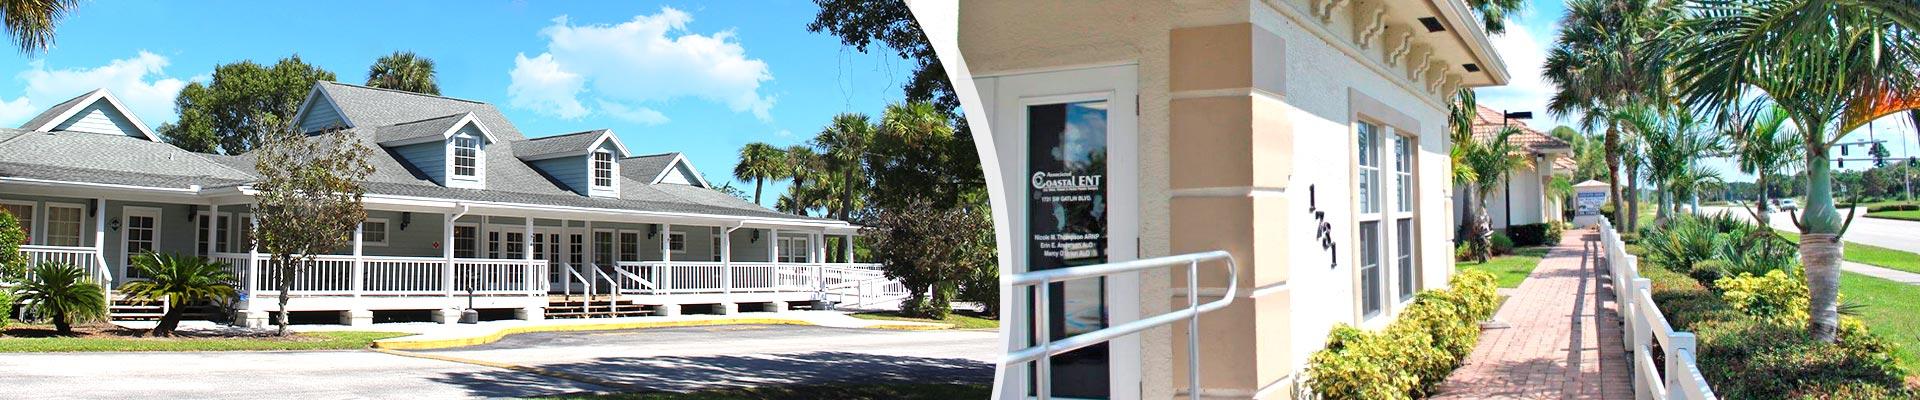 Associated Coastal ENT locations